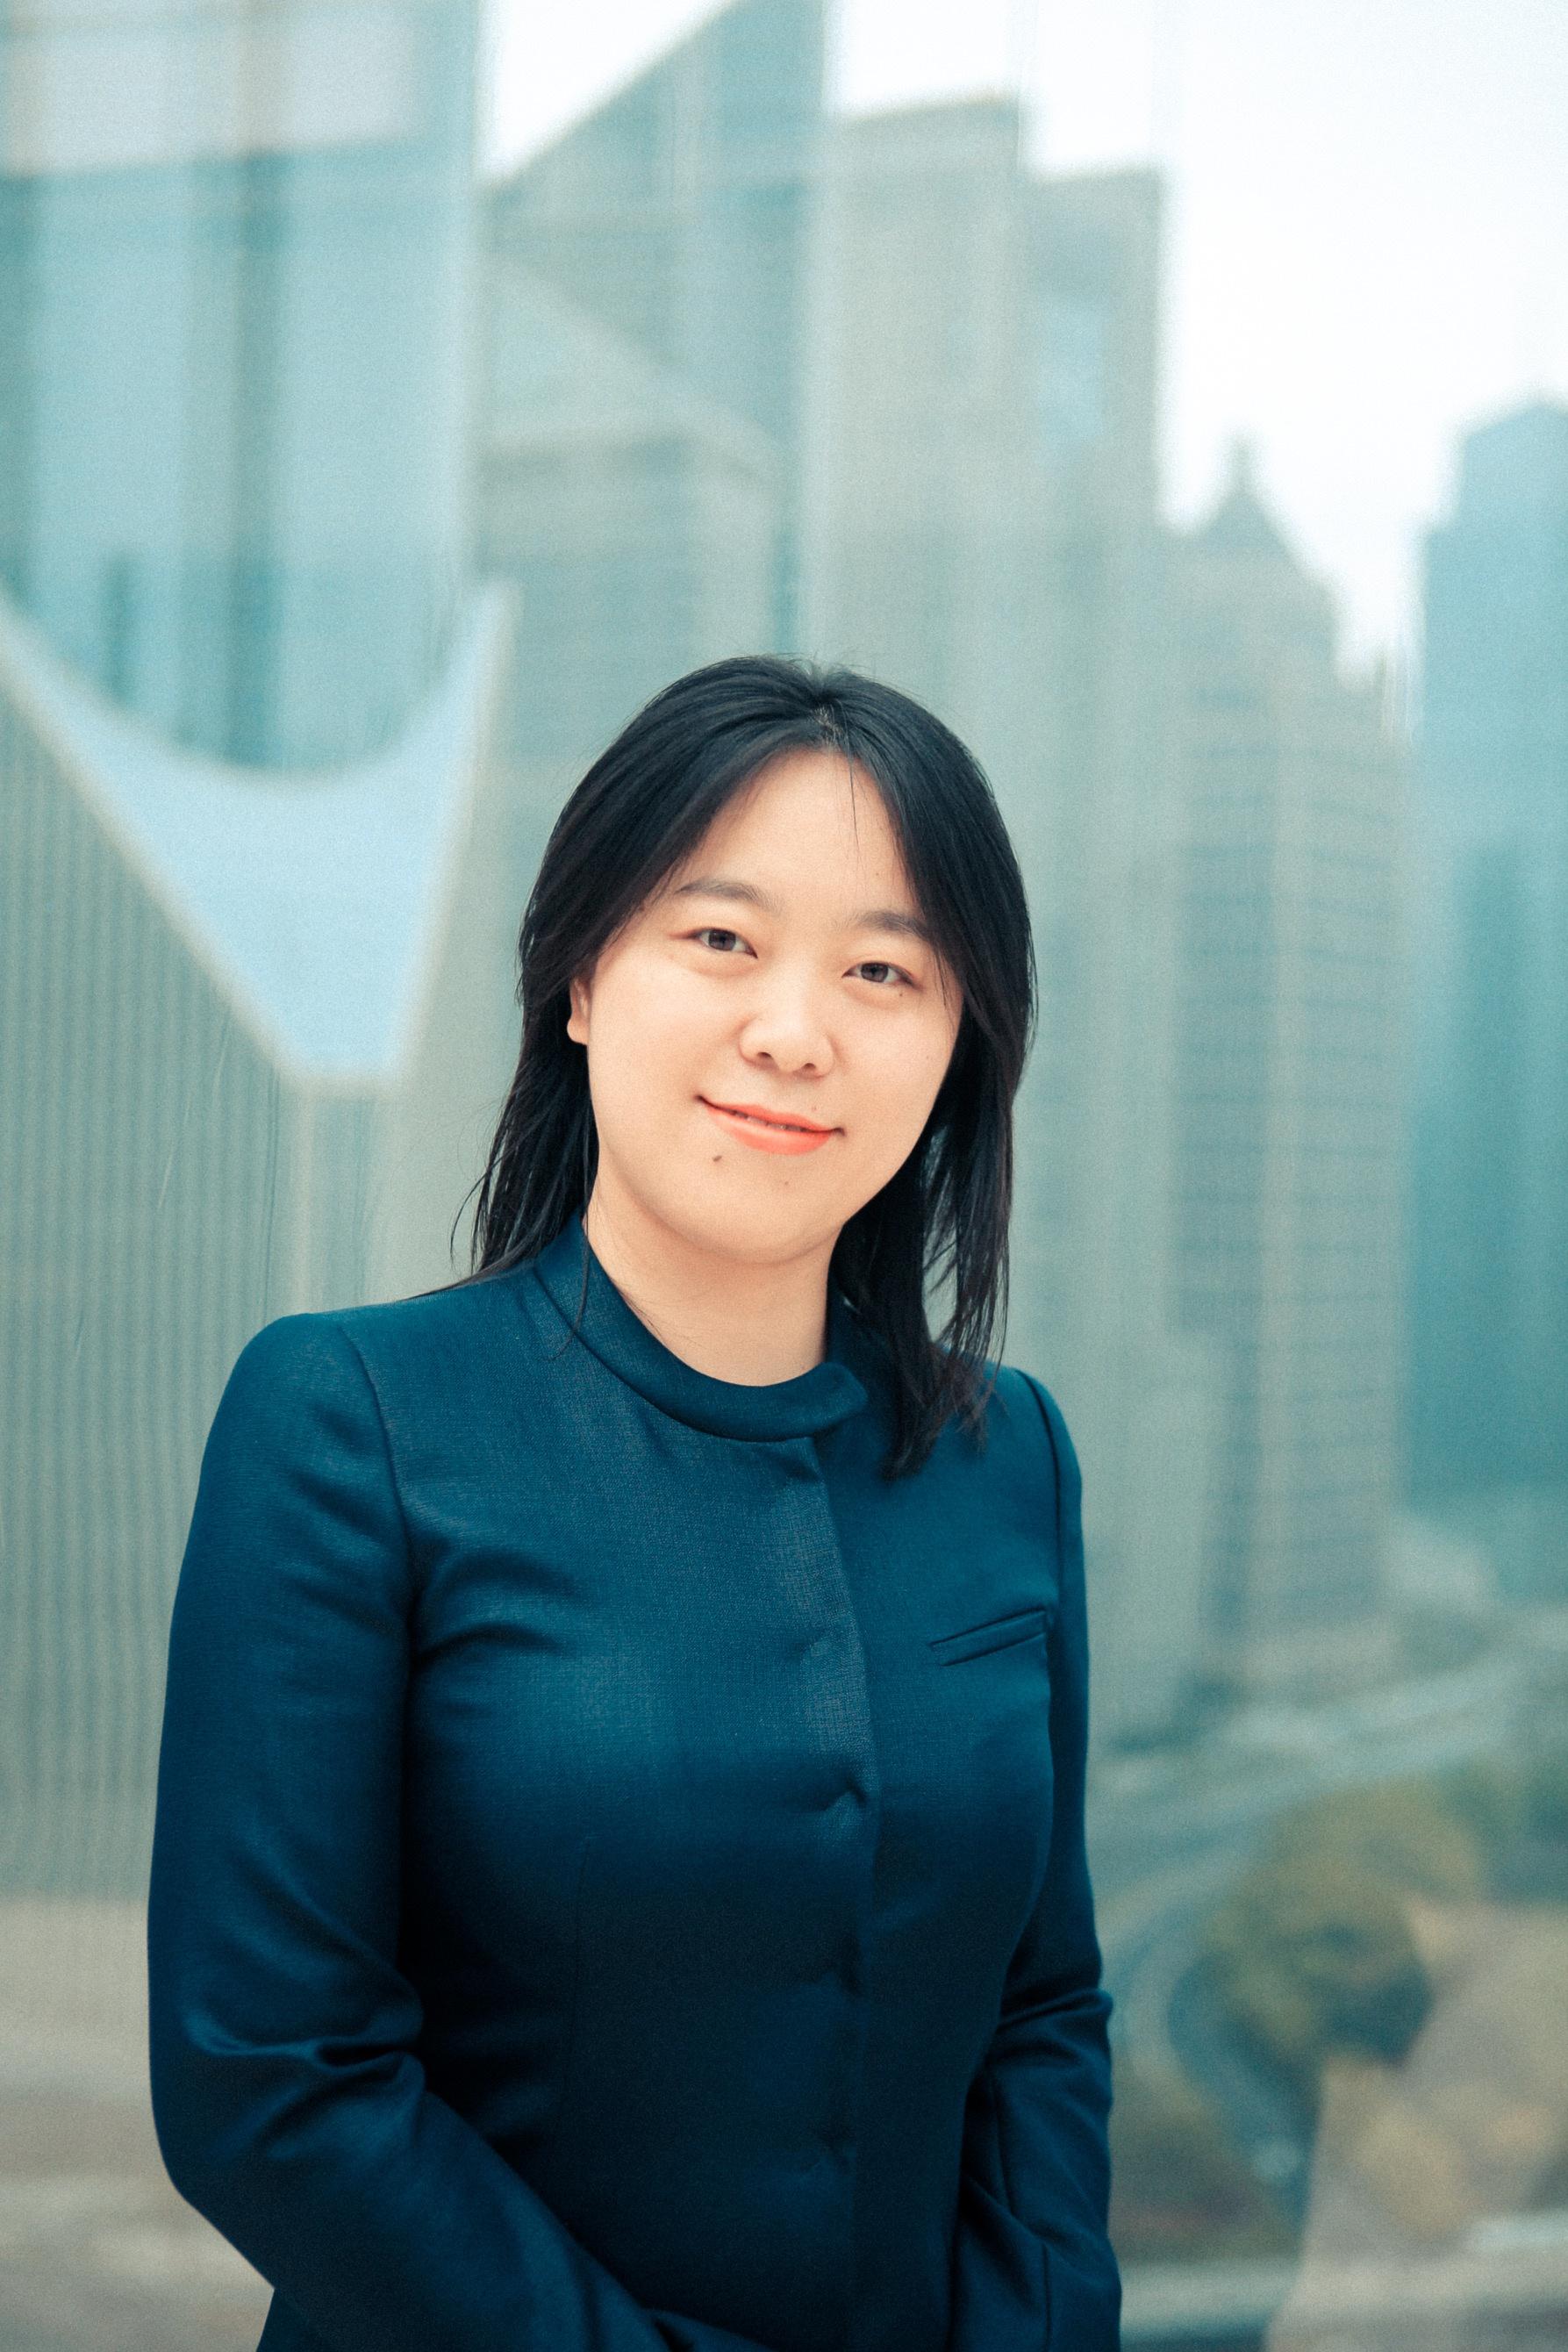 汇丰保险(亚太区)控股有限公司副主席孙丹莹:中国家庭财富规划凸显新趋势